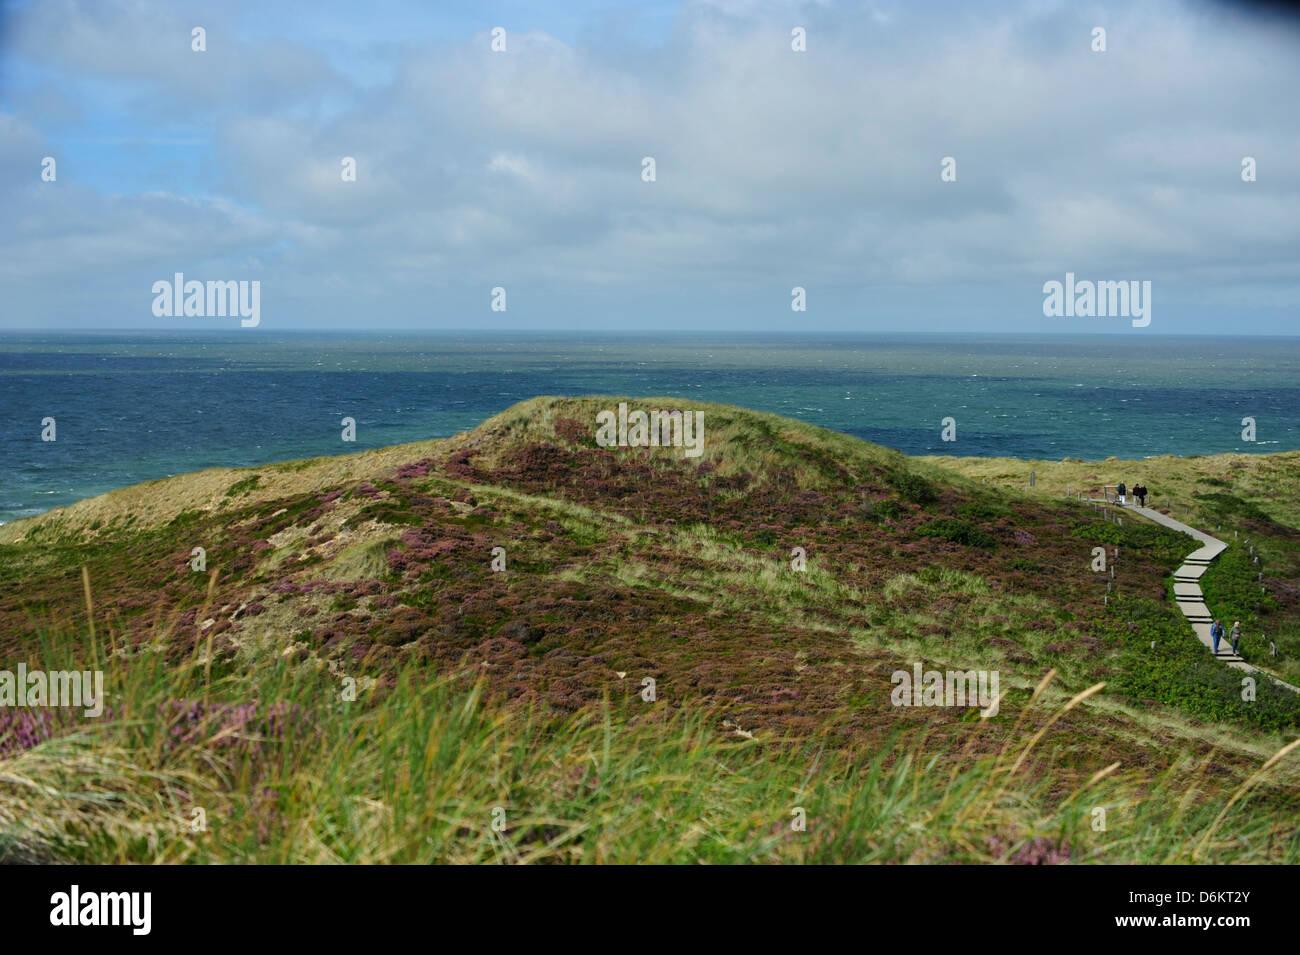 Blick von der Uwe-Düne auf die Nordsee bei Kampen, Sylt. - Stock Image